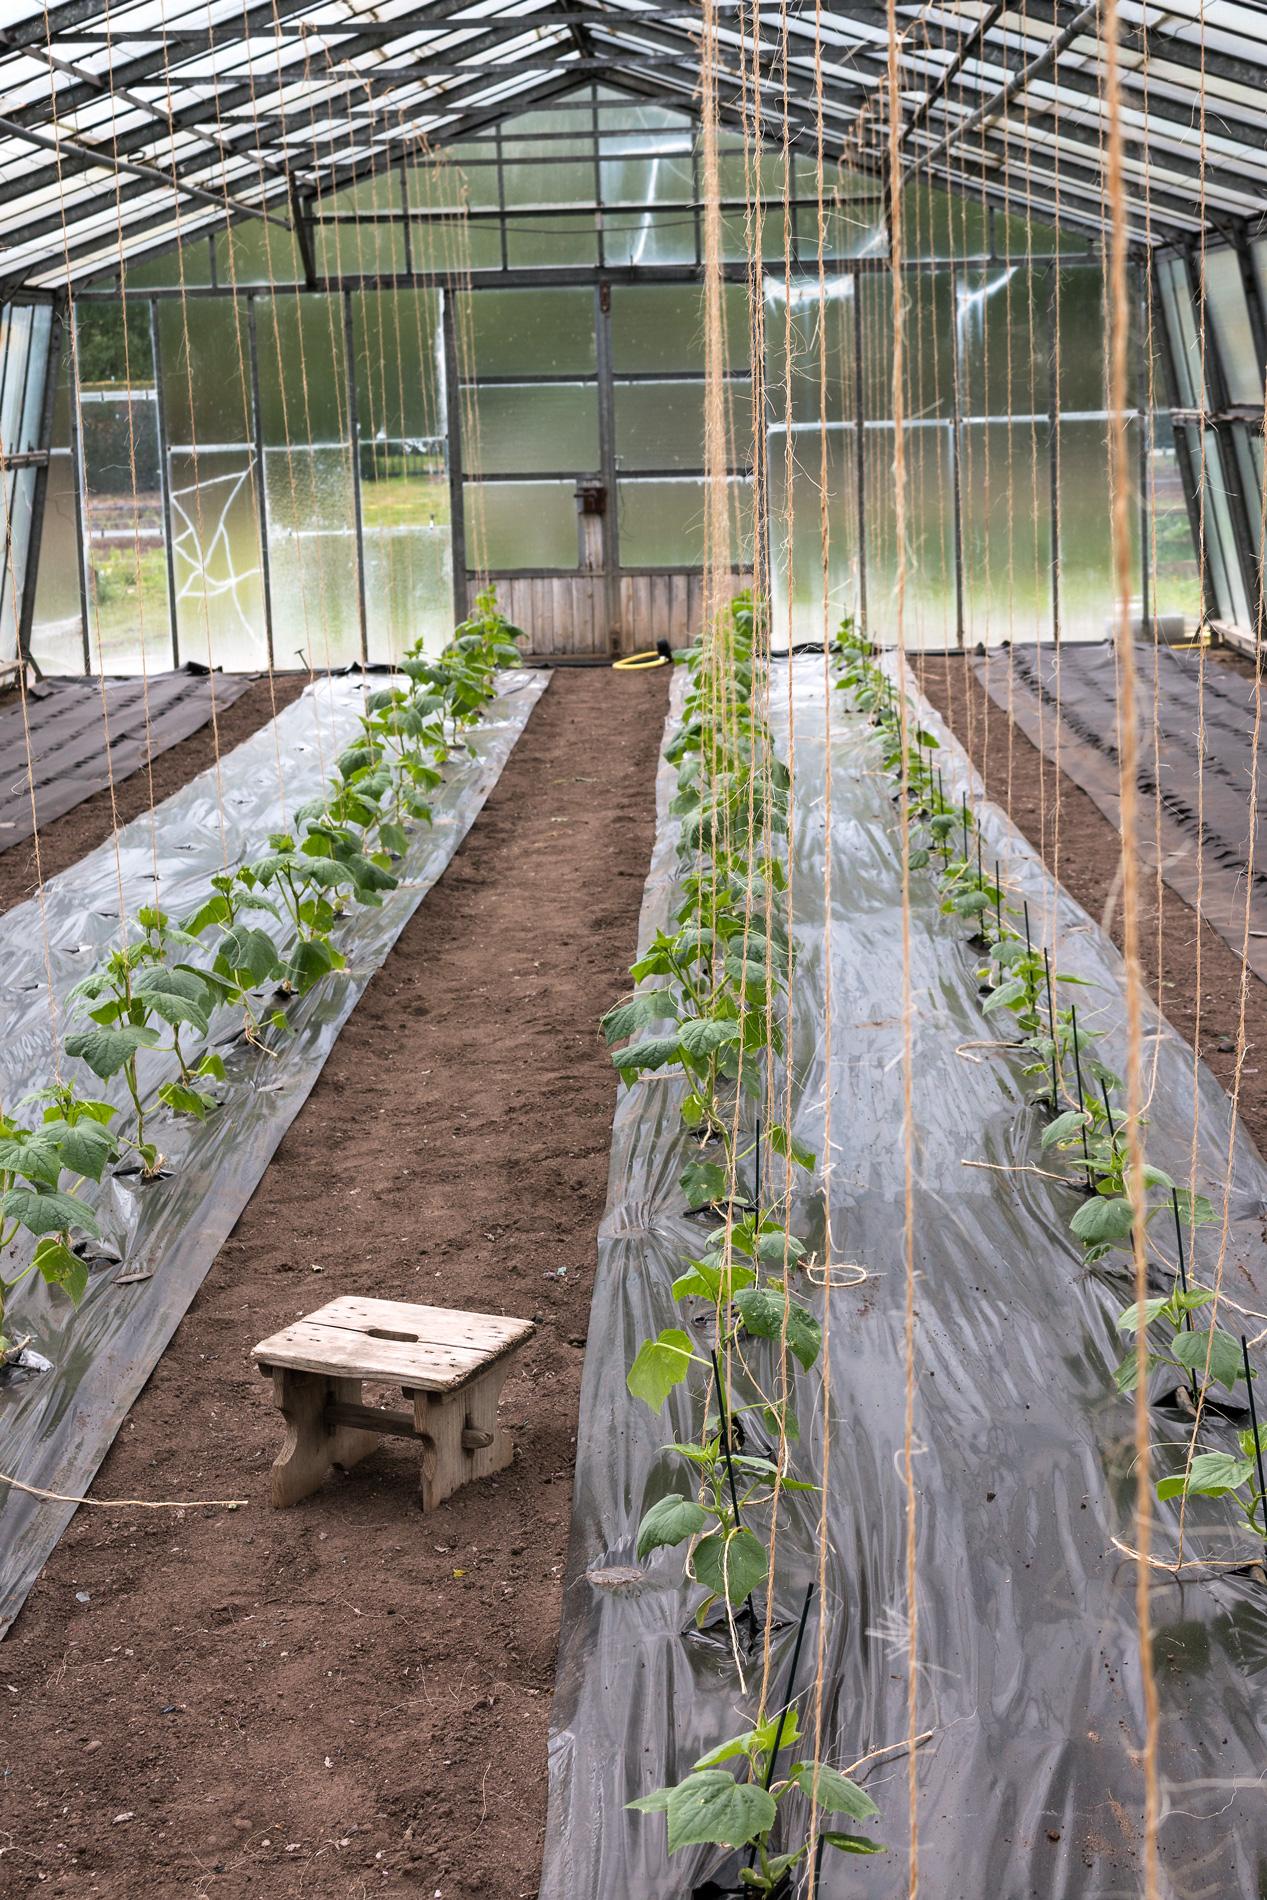 Gurkenpflanzen mit Kordeln